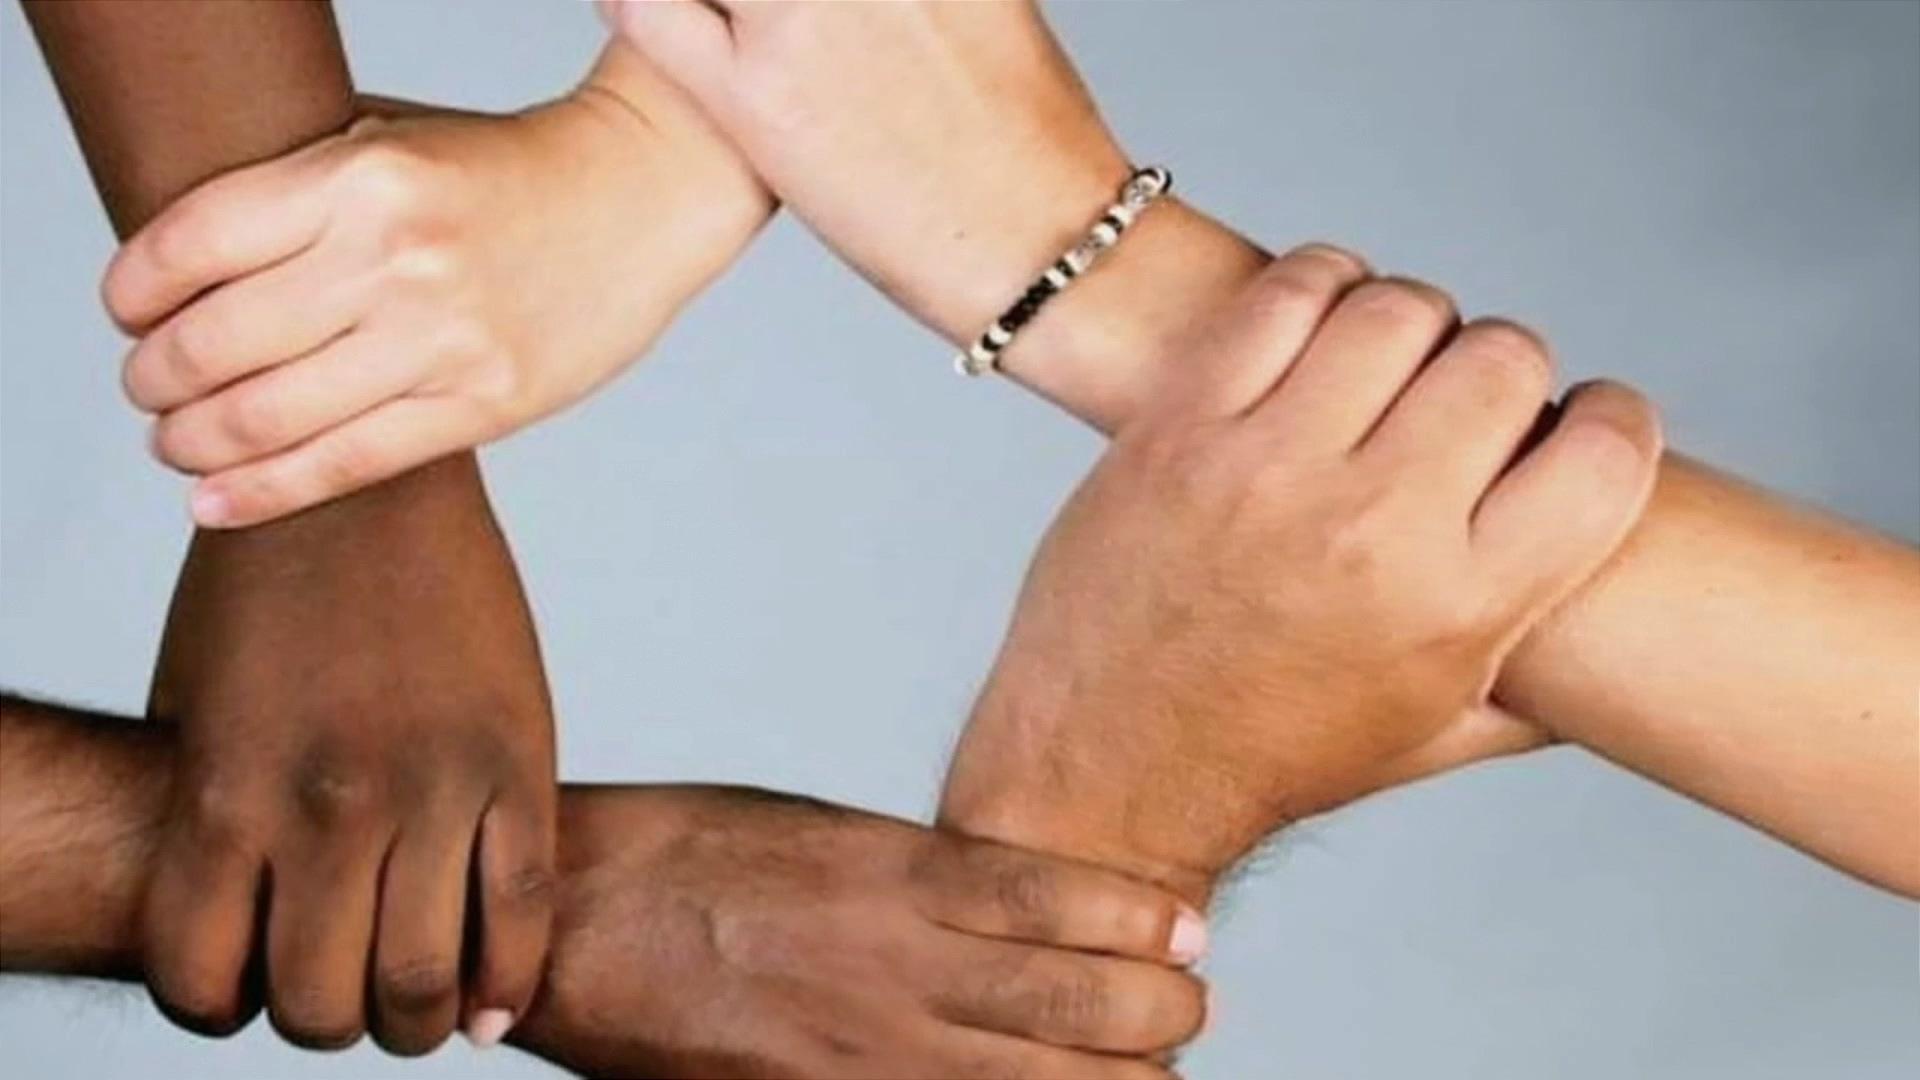 Українці найбільш расово упереджені до ромів та до африканців. ВІДЕО